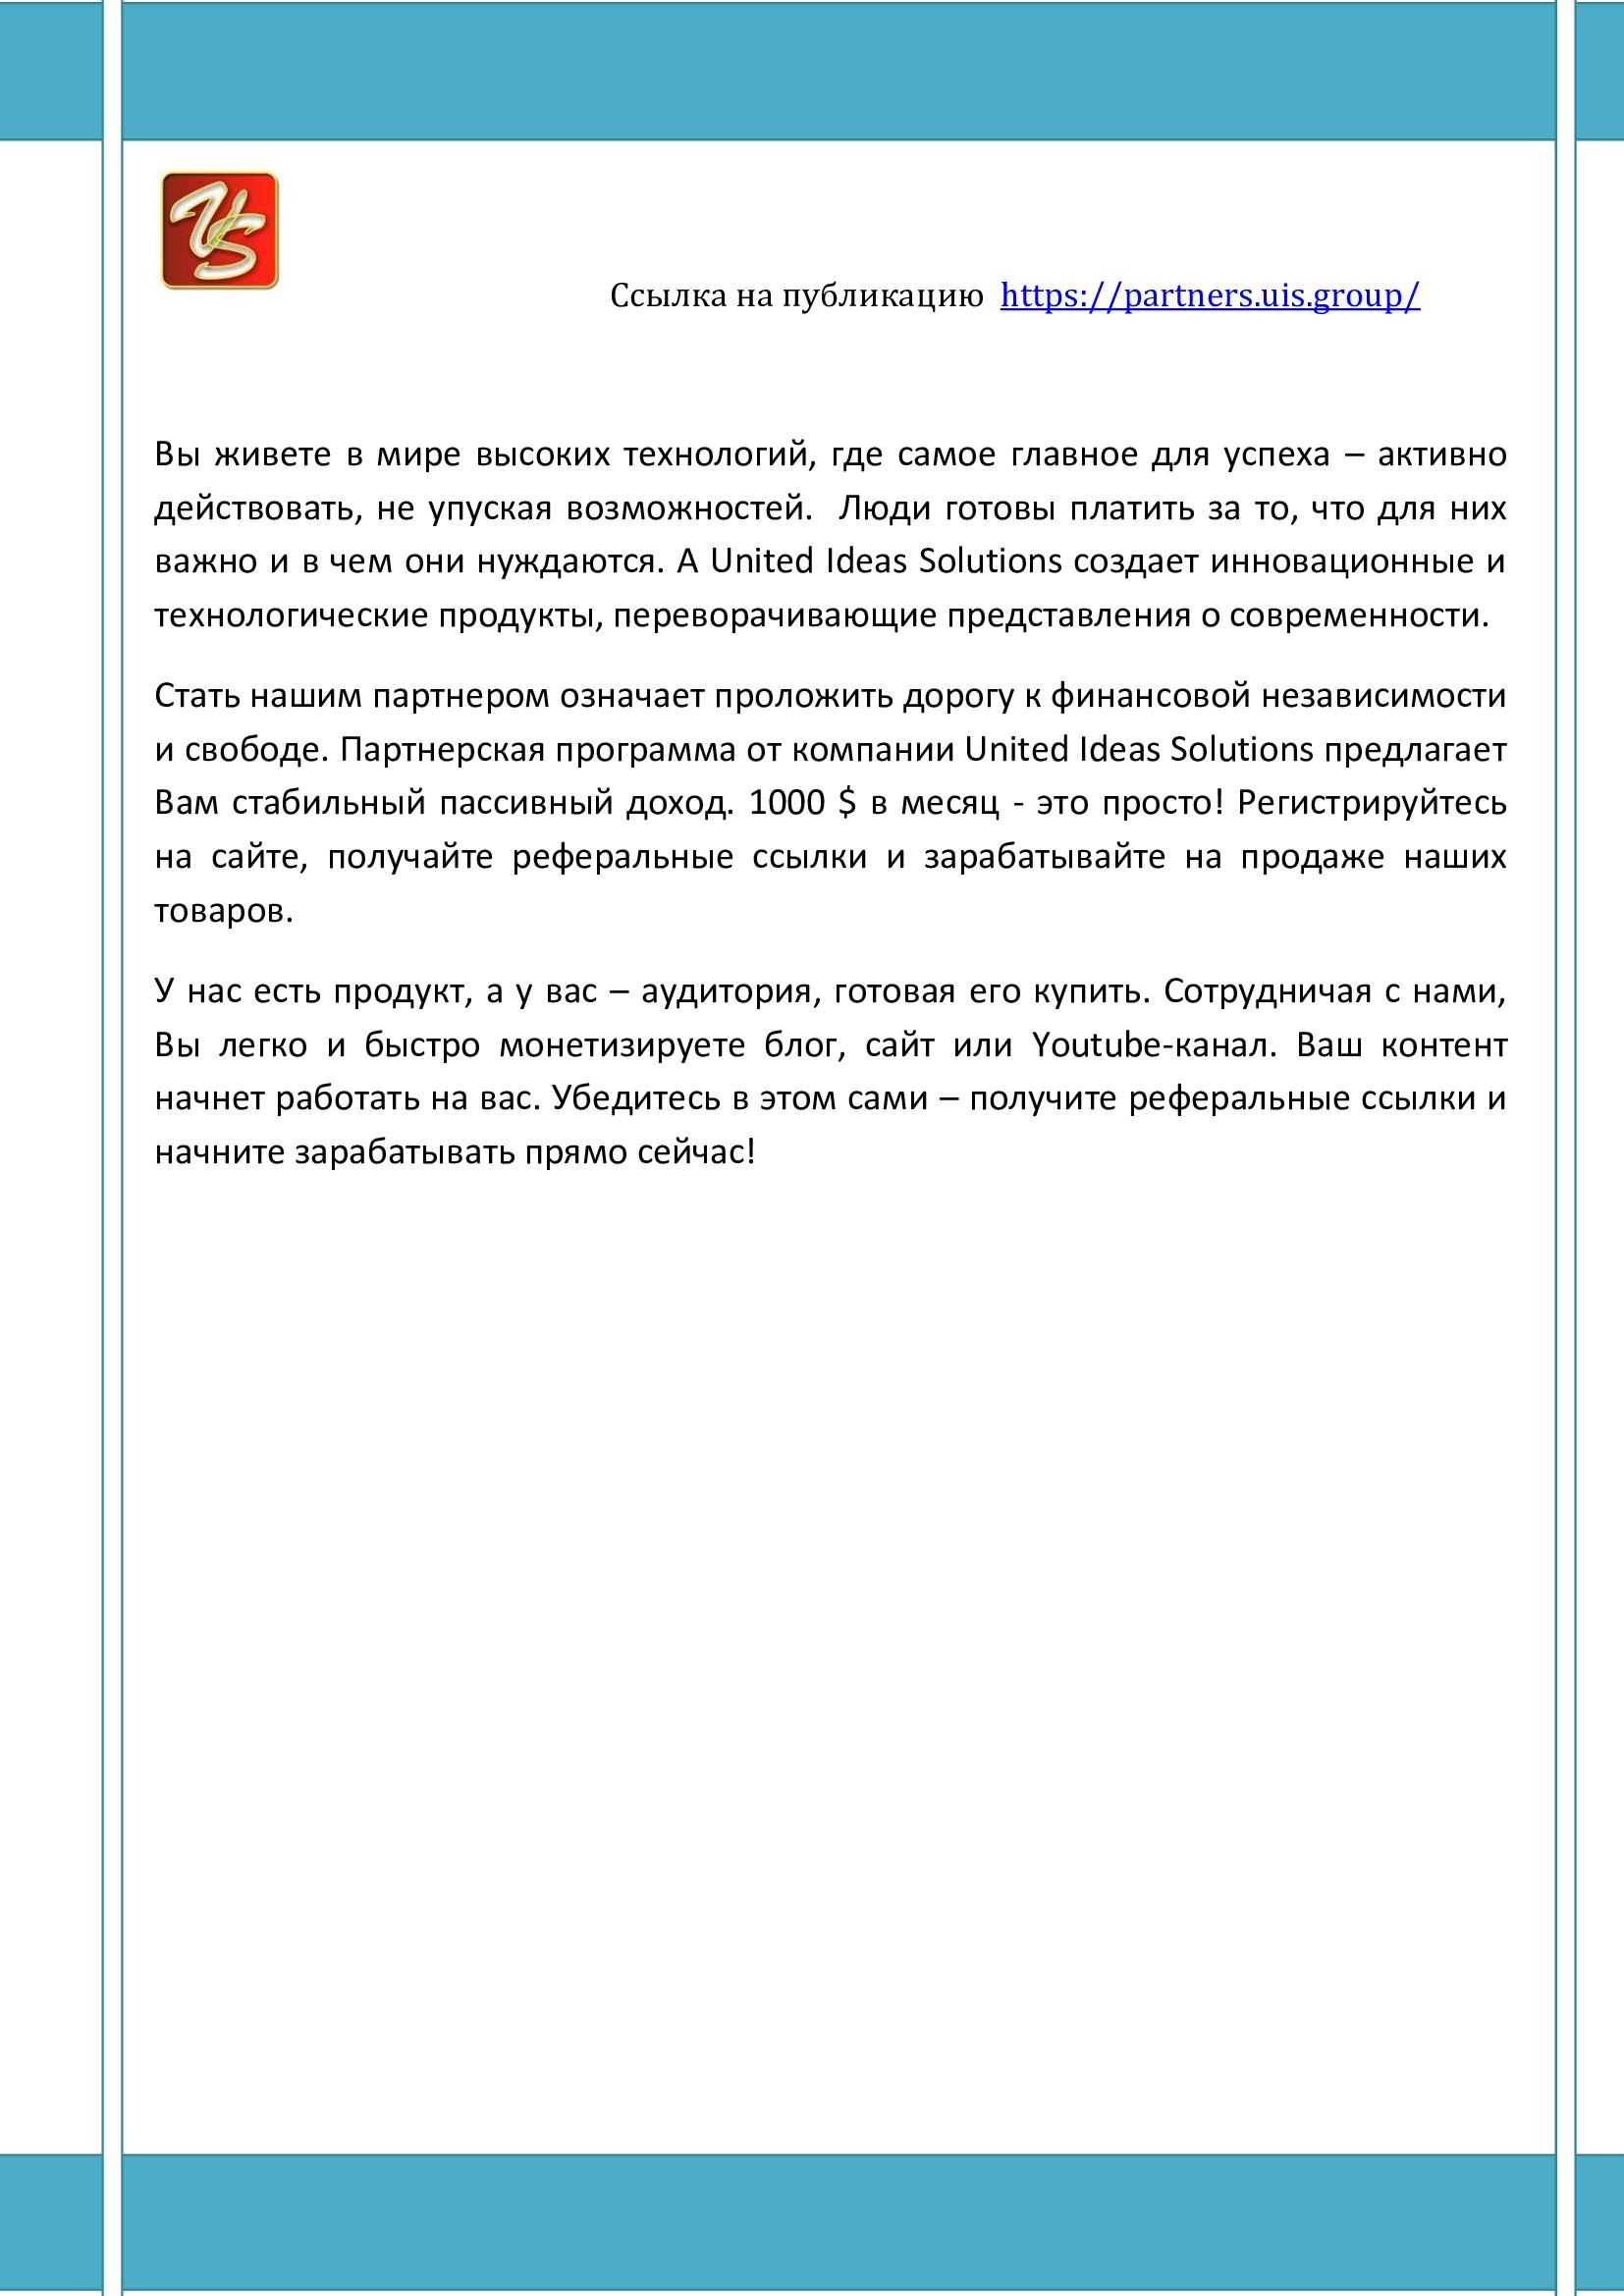 Текст на главную страницу сайта